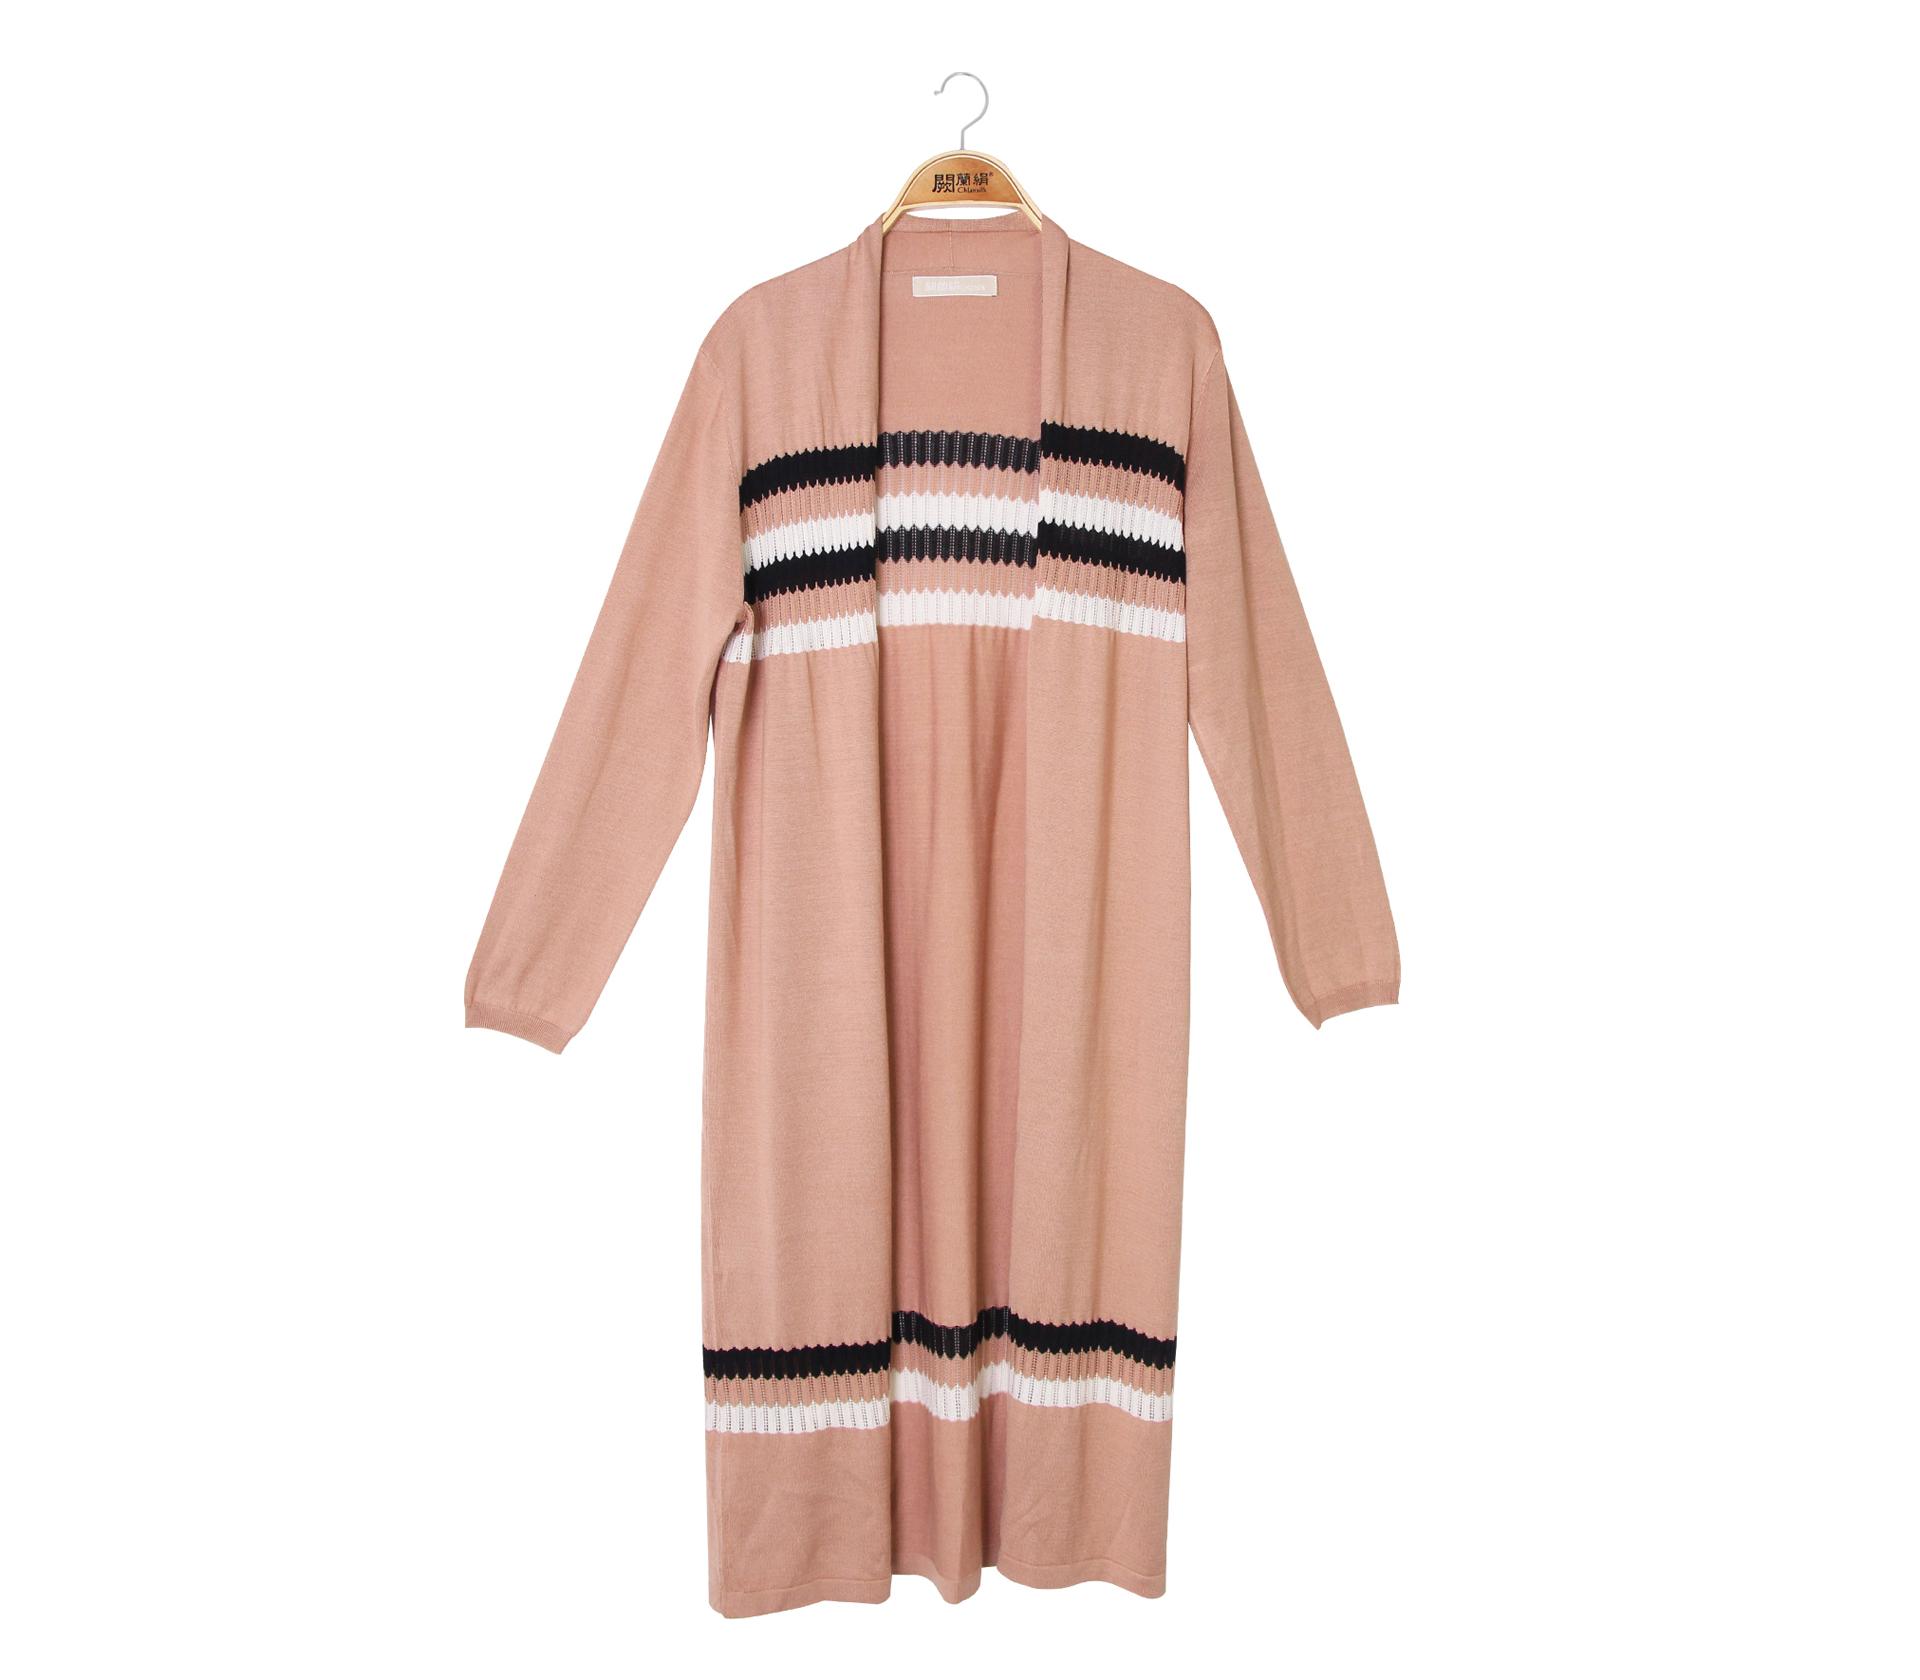 闕蘭絹隨興自在條紋針織長版罩衫外套 - 膚色 - 6009